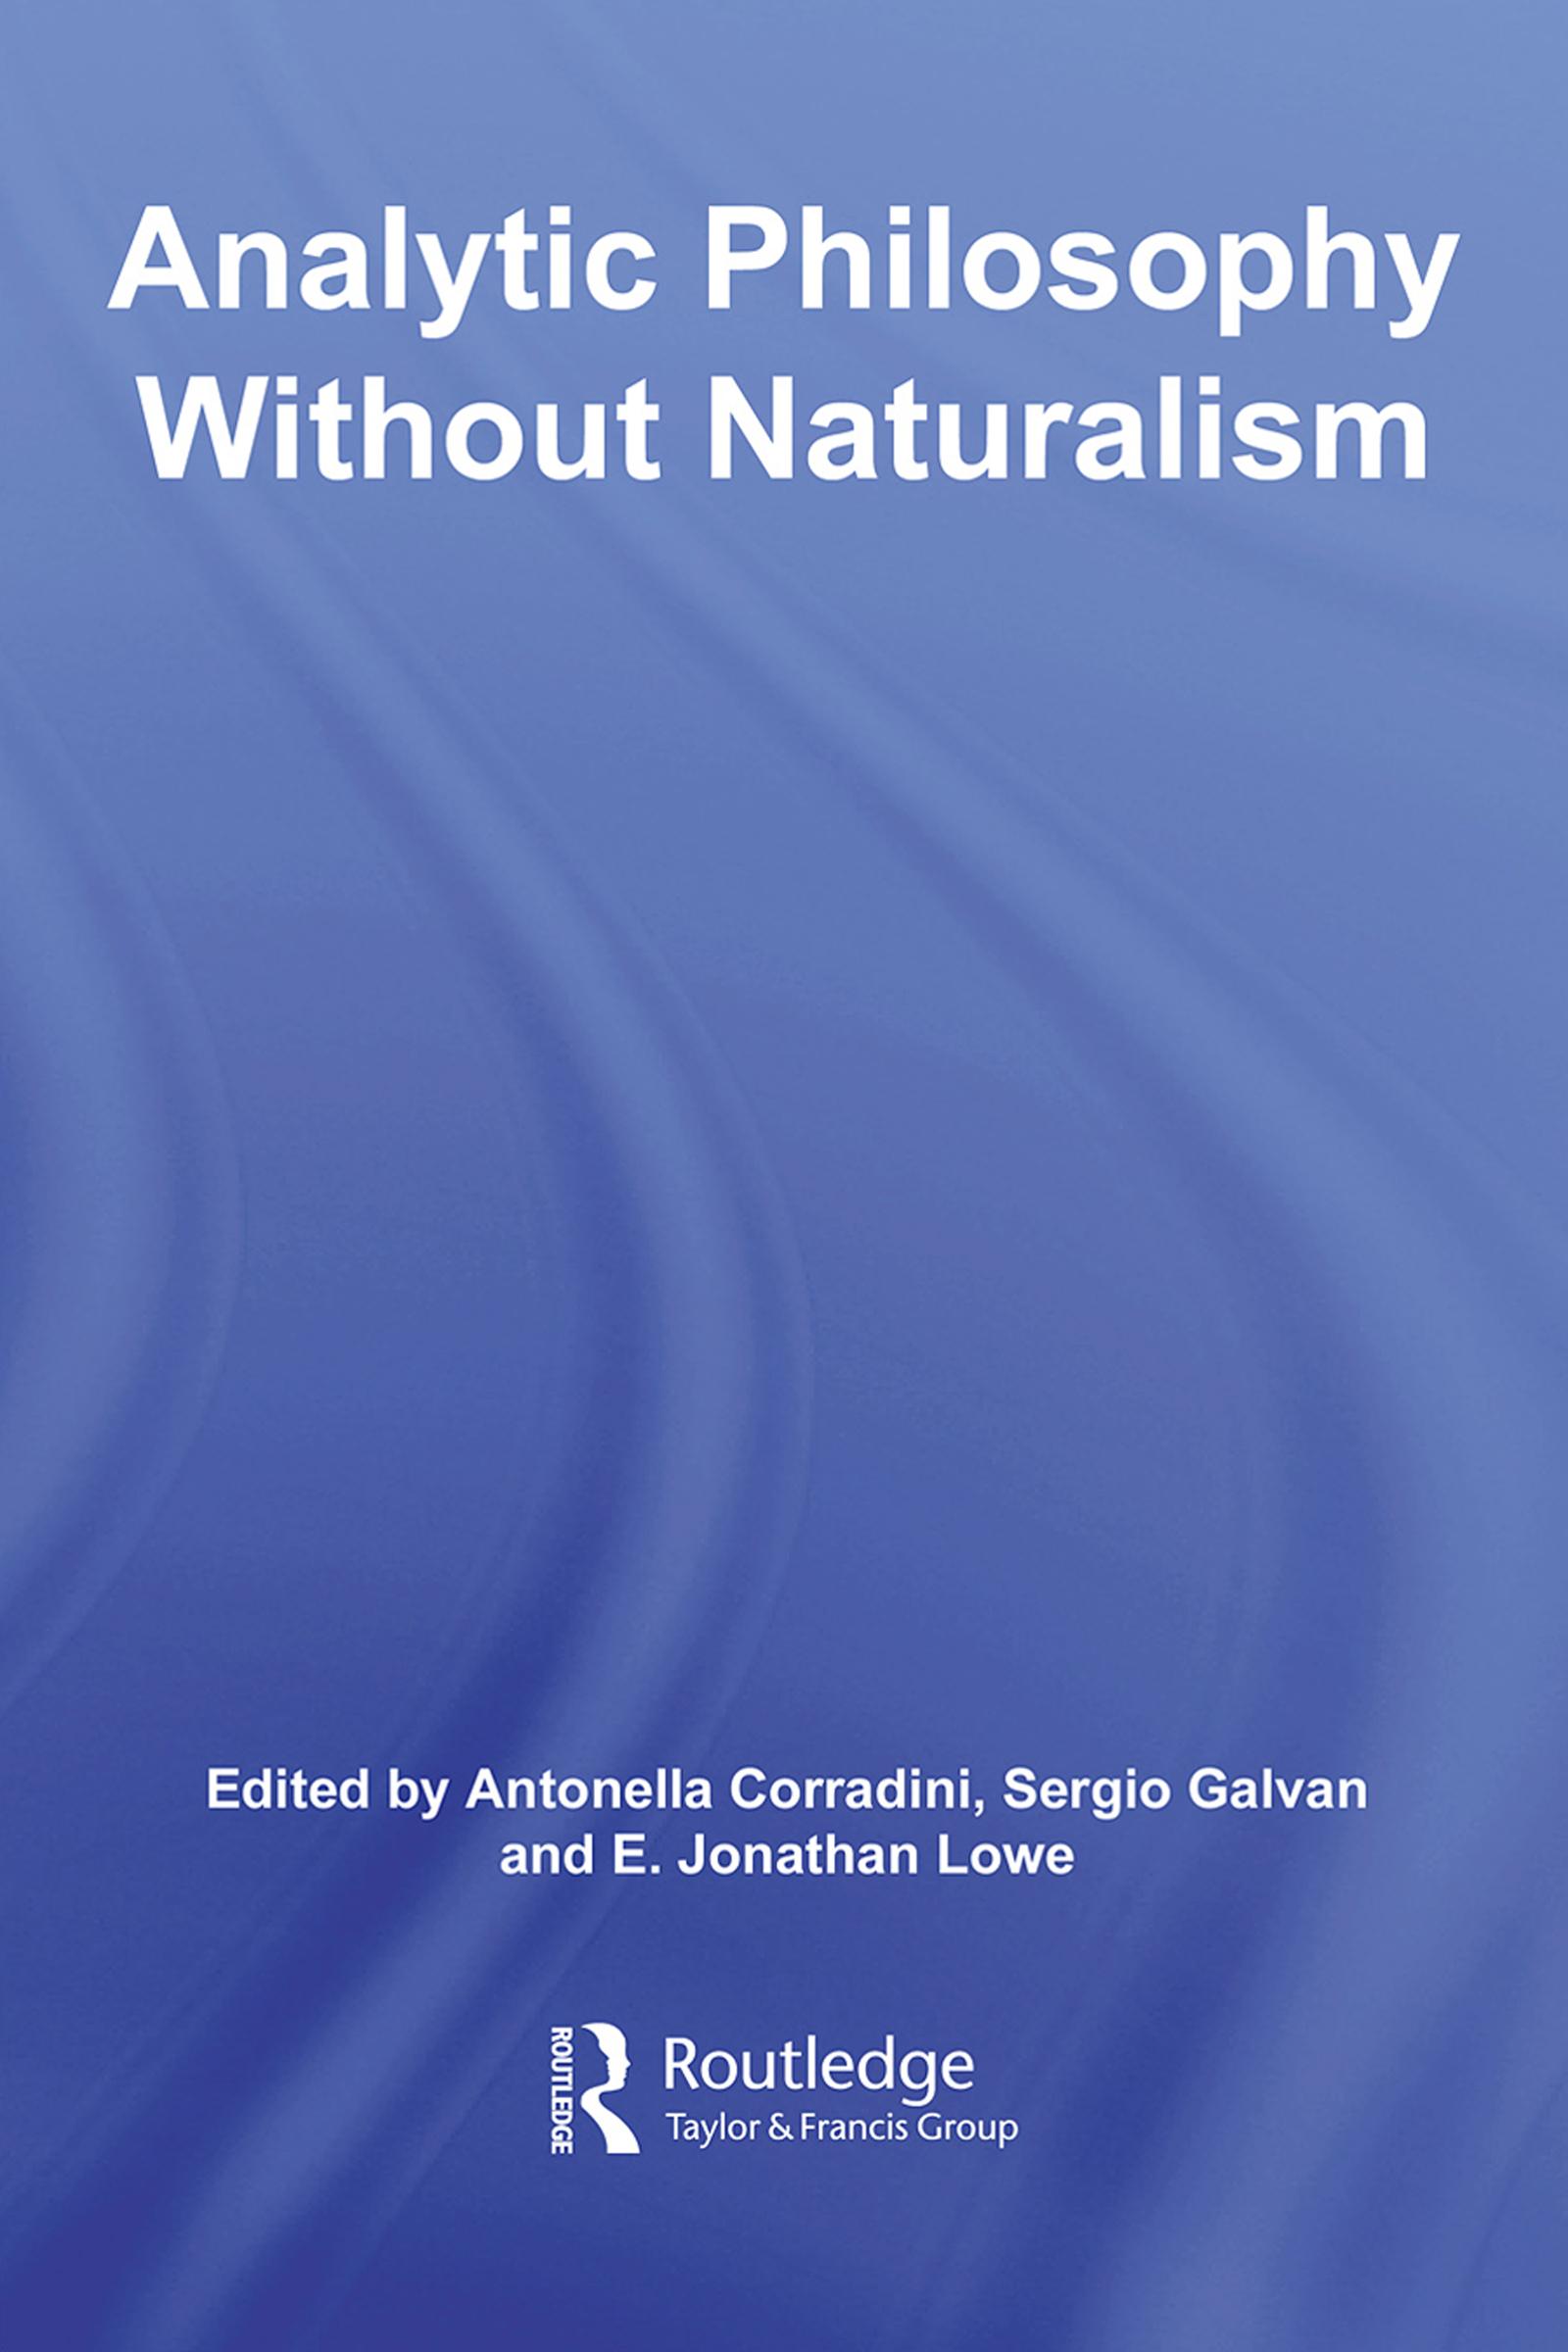 Resisting naturalism